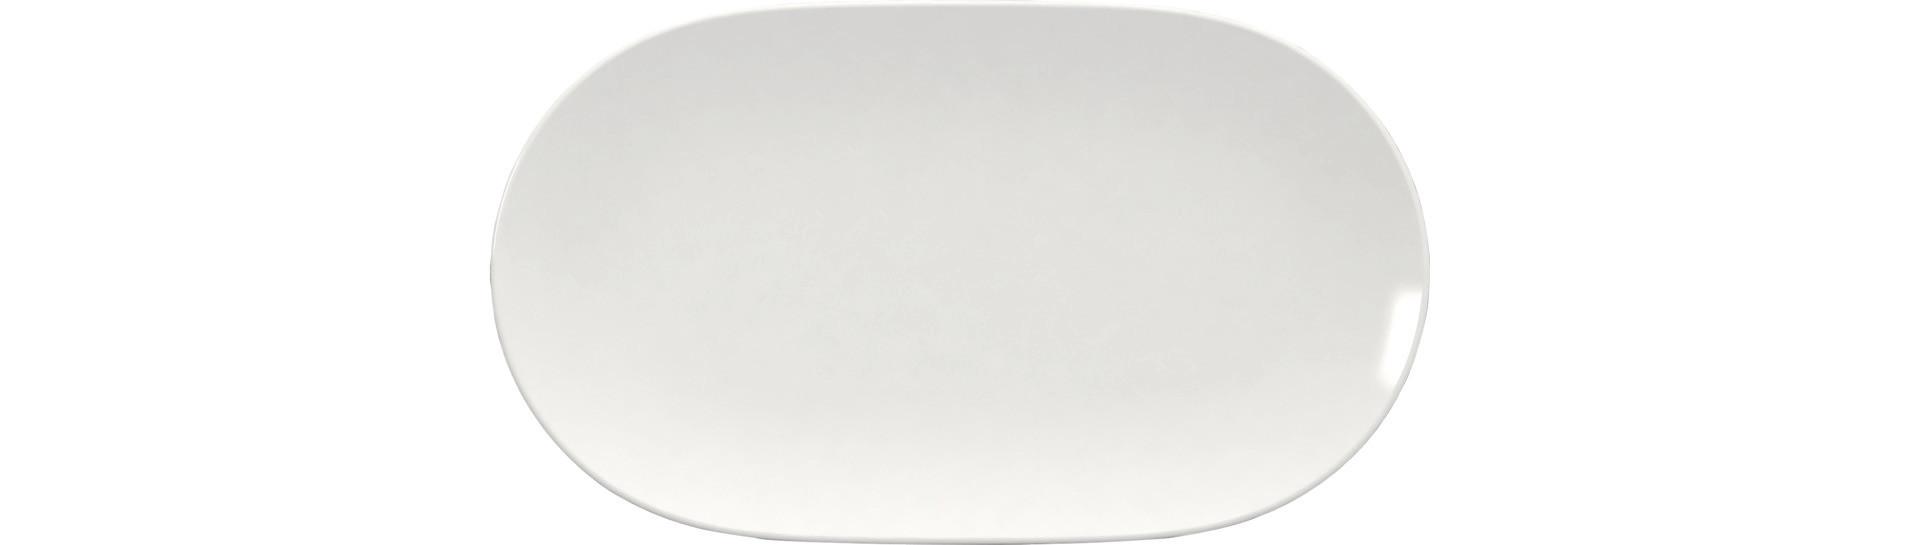 Scope, Coupplatte oval 230 x 151 mm